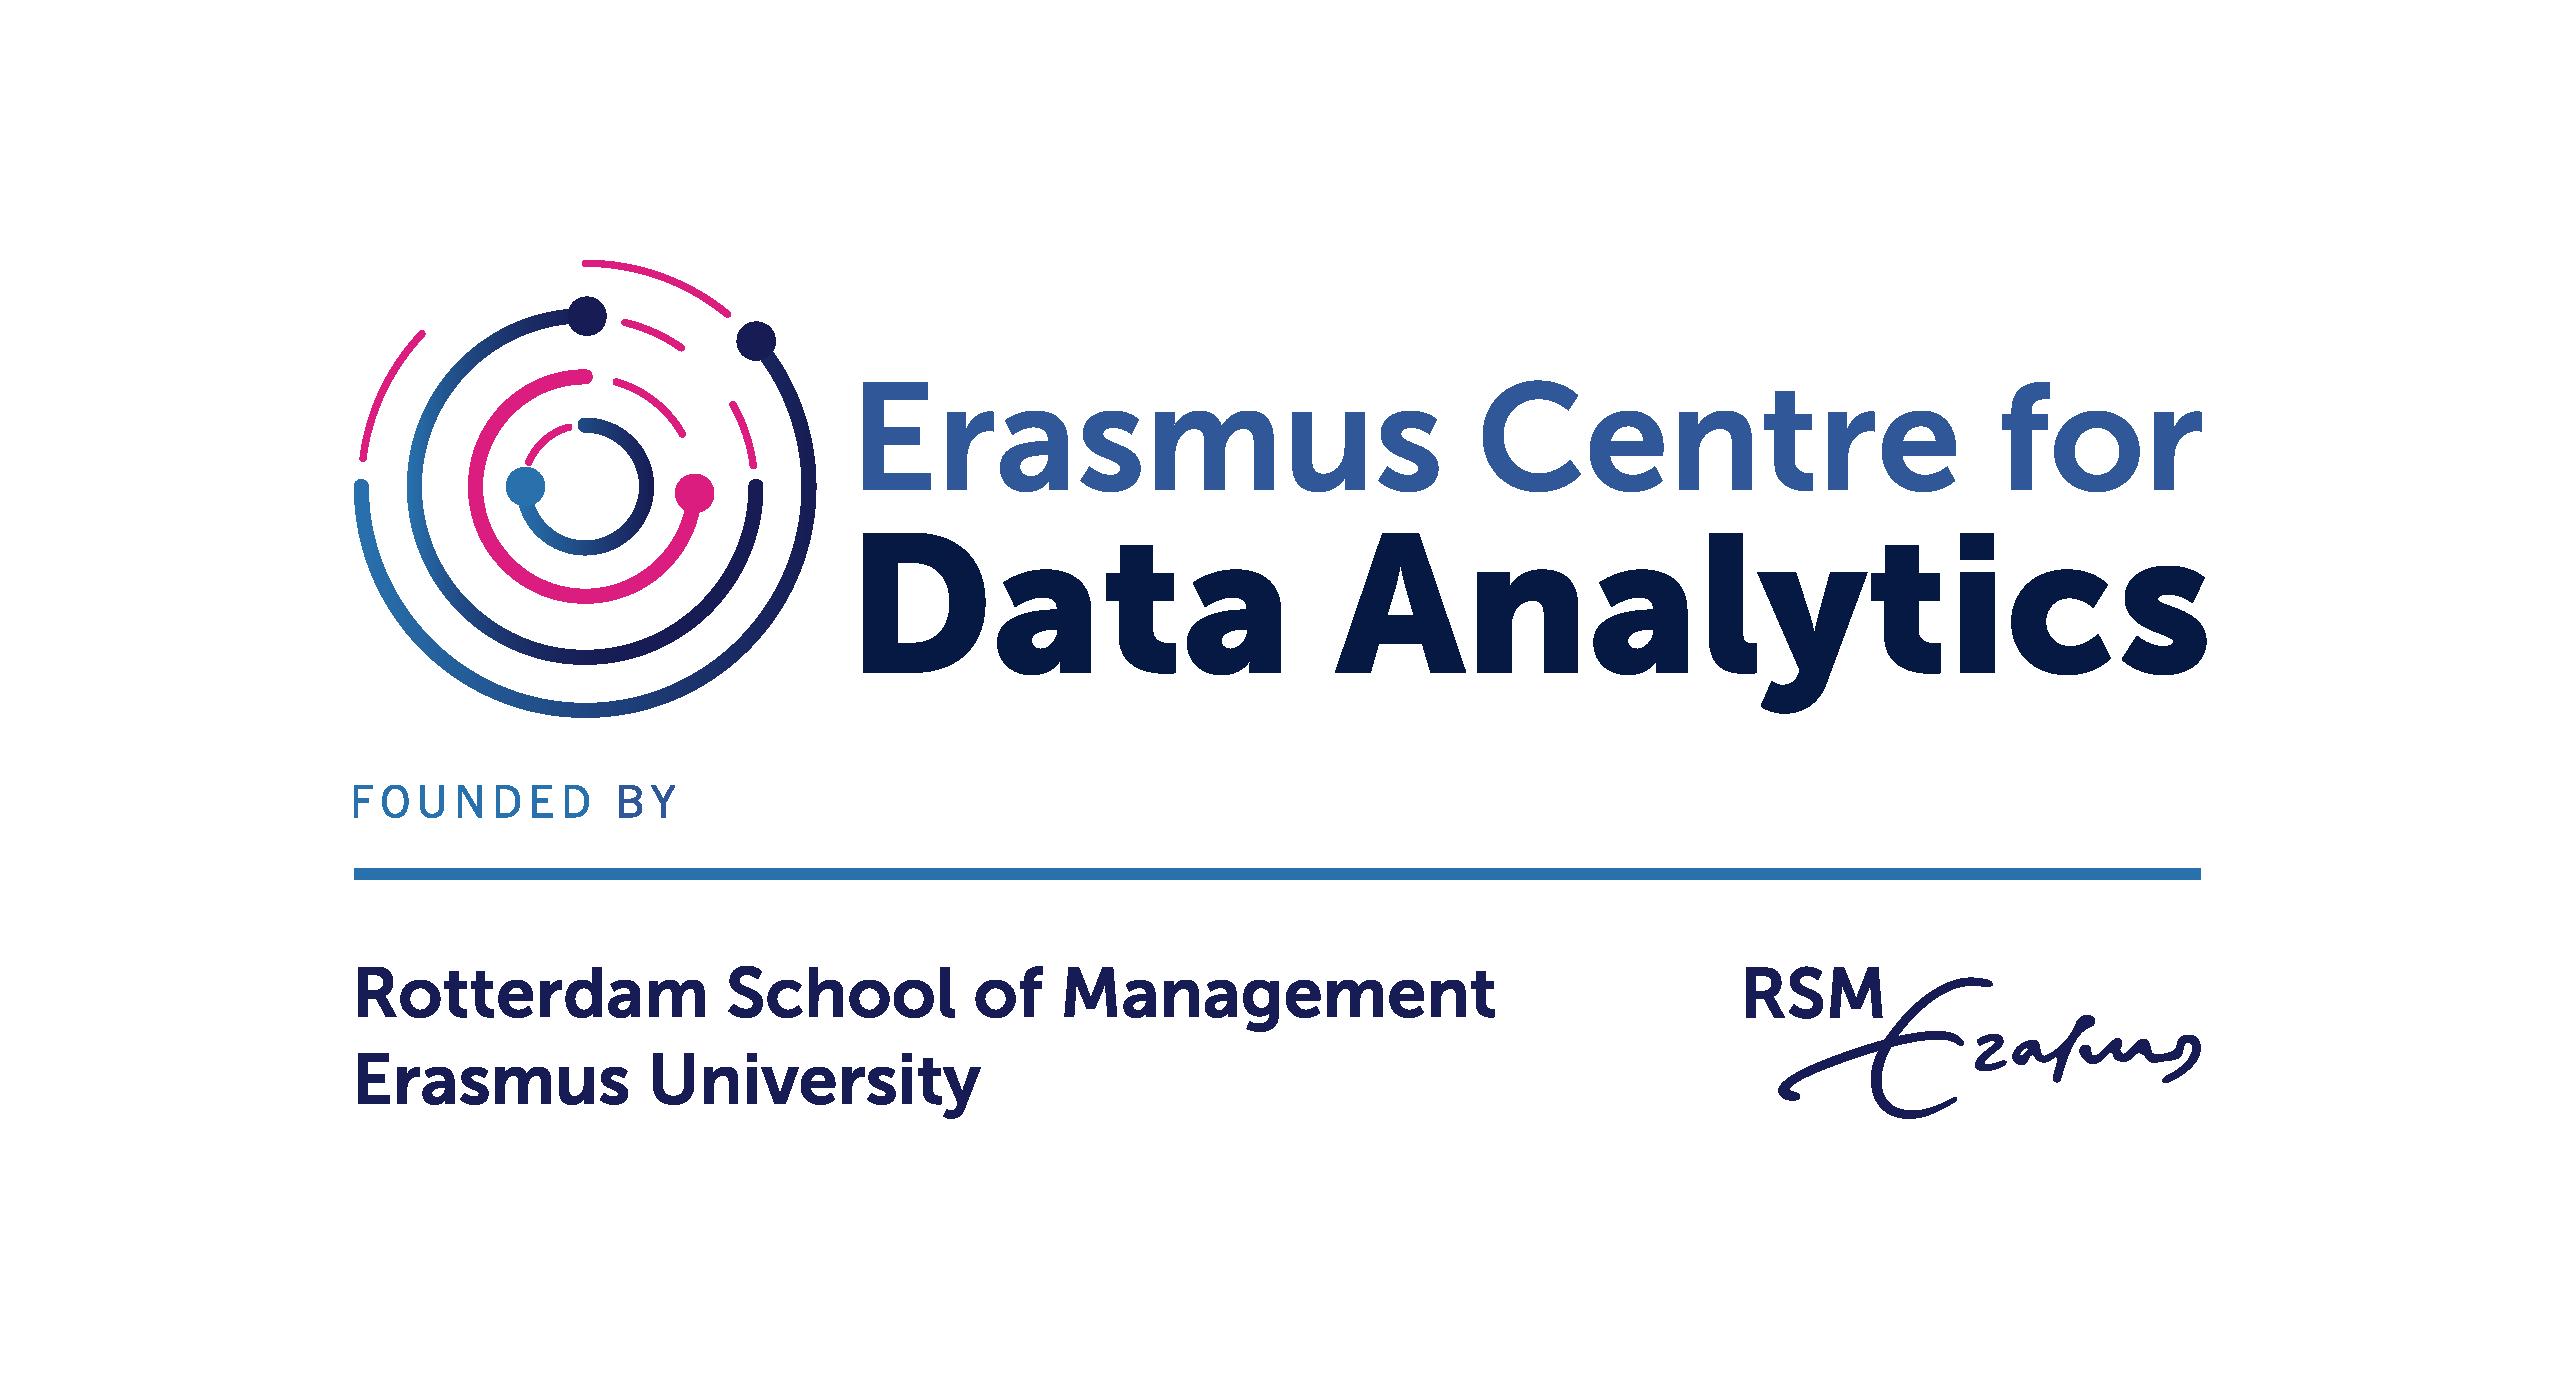 Logo Erasmus Centre for Data Analytics